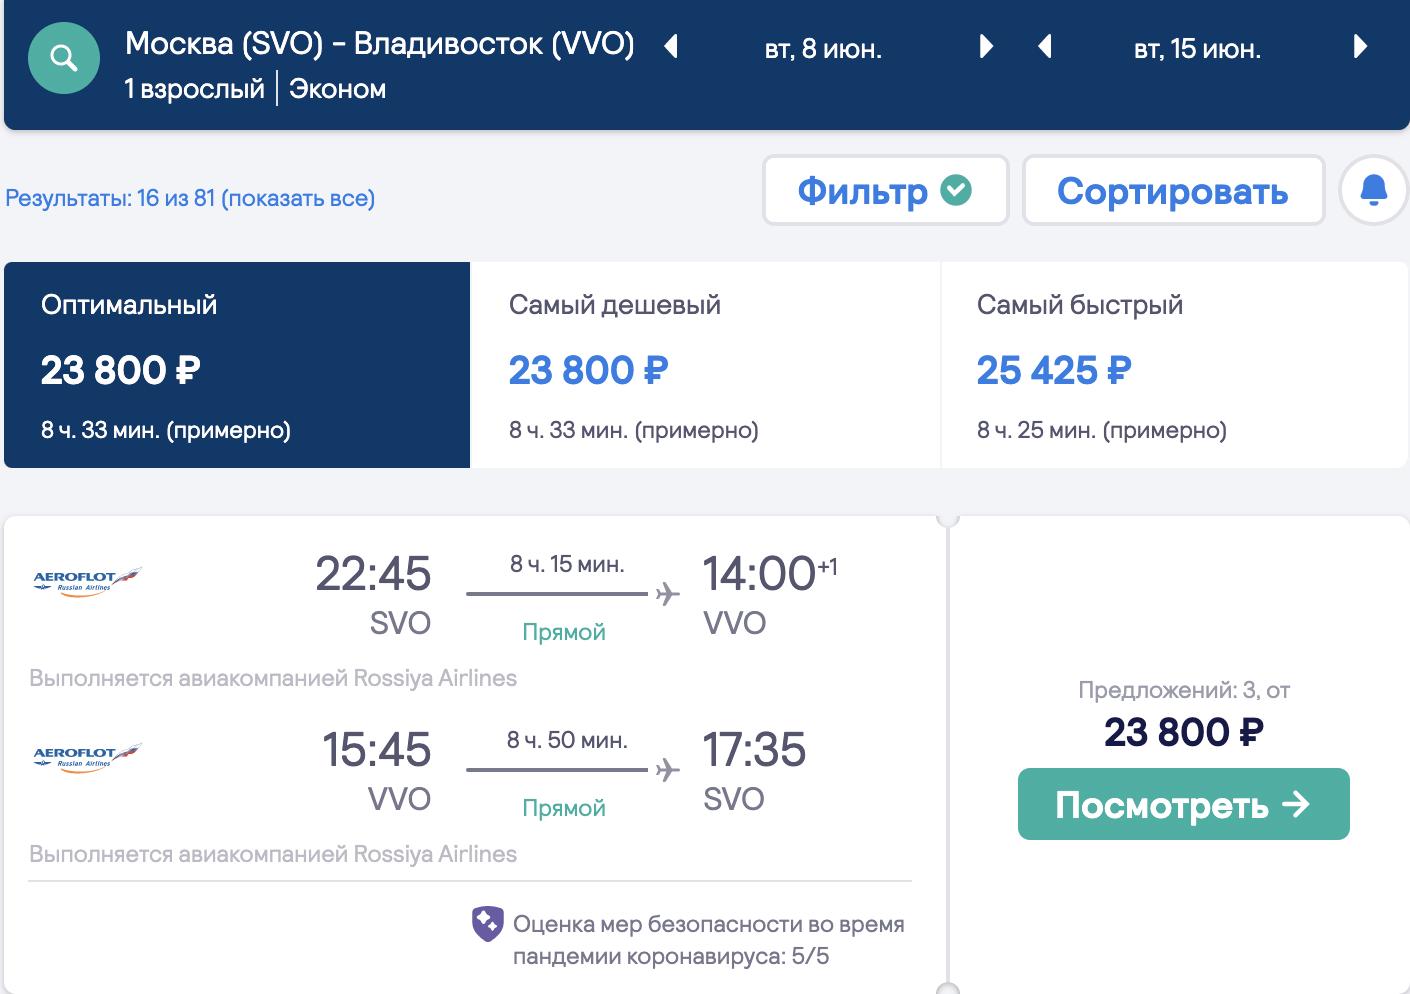 Актуально! Аэрофлотом из Москвы на Дальний Восток: Сахалин, Камчатка, Владивосток, Хабаровск за 23800₽ туда-обратно